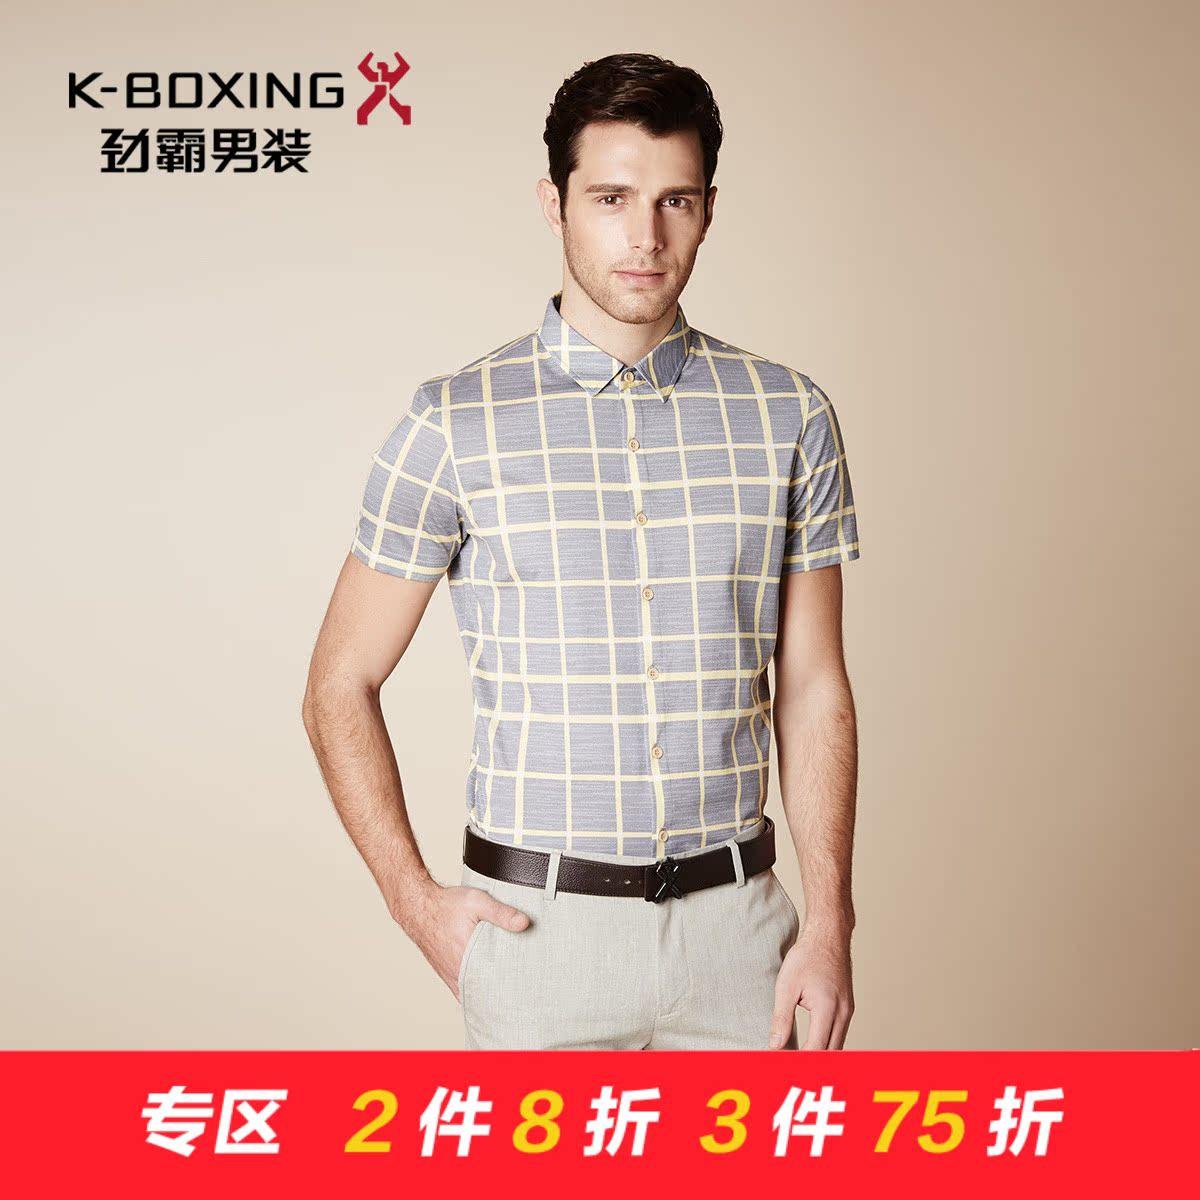 劲霸男装短袖衬衫丝光棉休闲衬衫合身版男士男衬衫|BDBJ2540